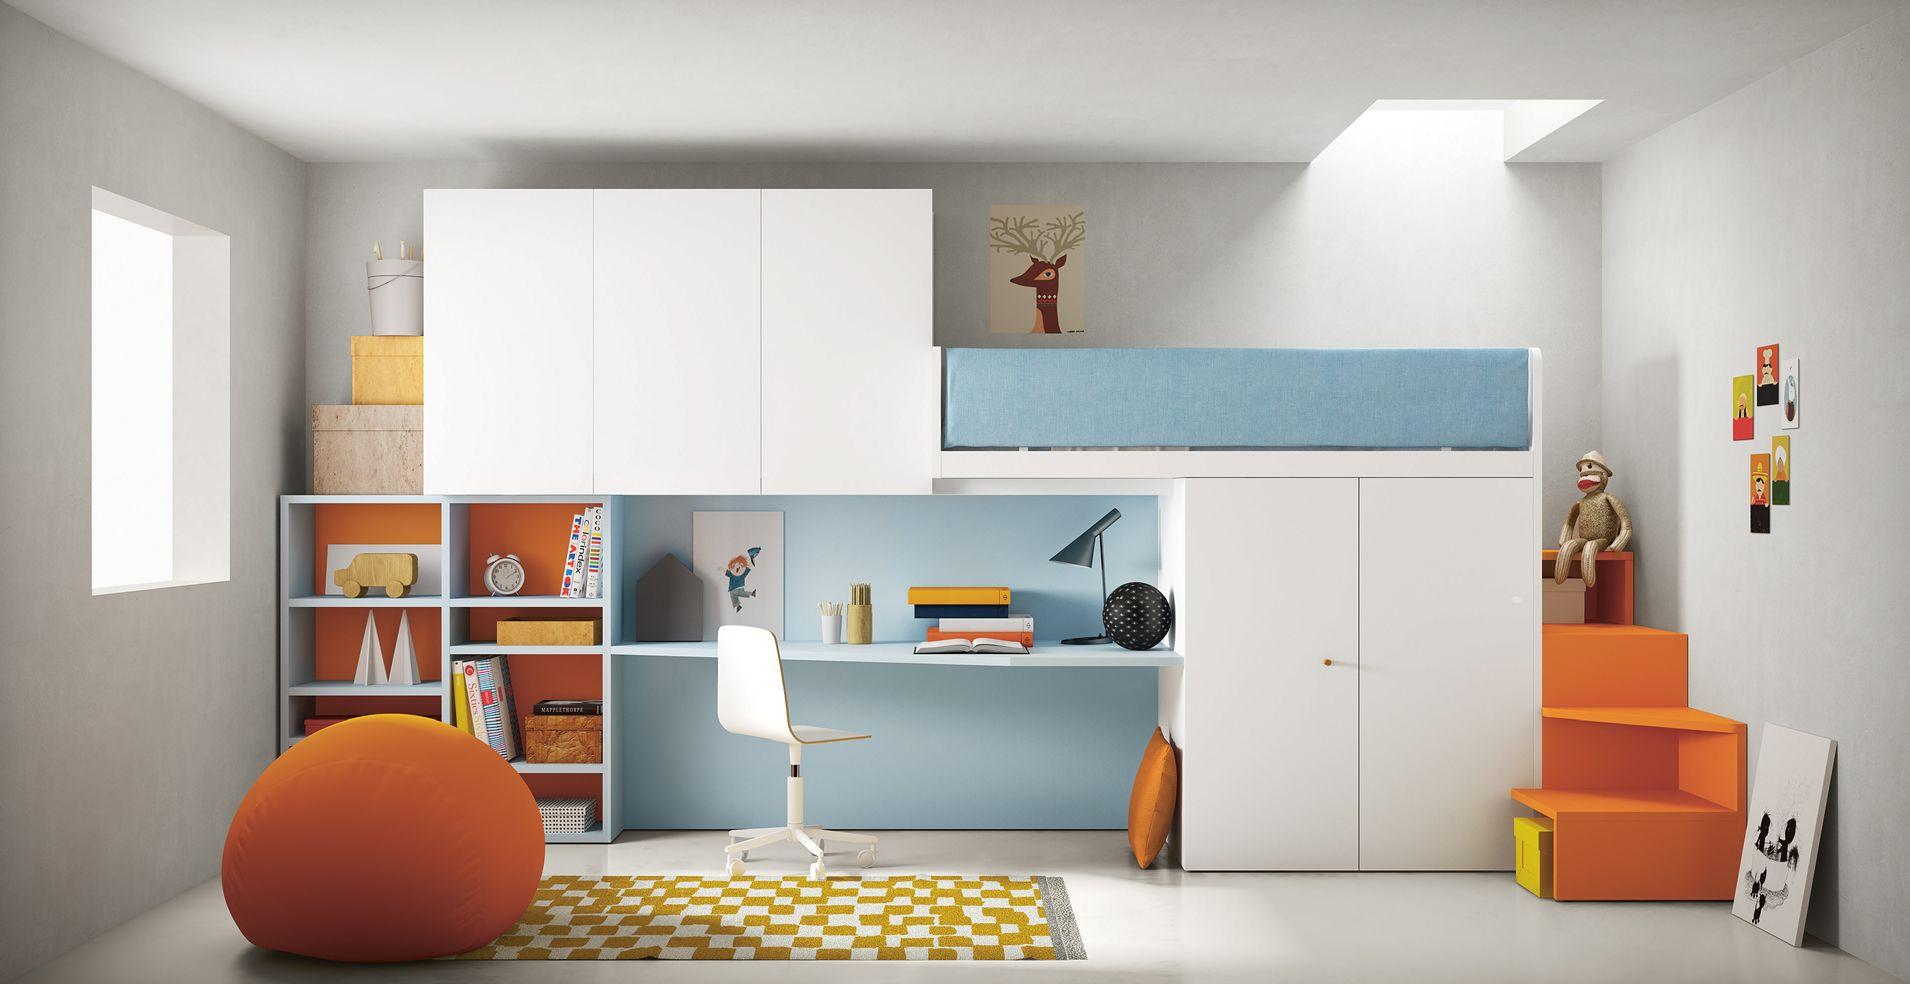 Nidi Camerette ~ 111 battistella camerette nidi arredamenti expo web furniture